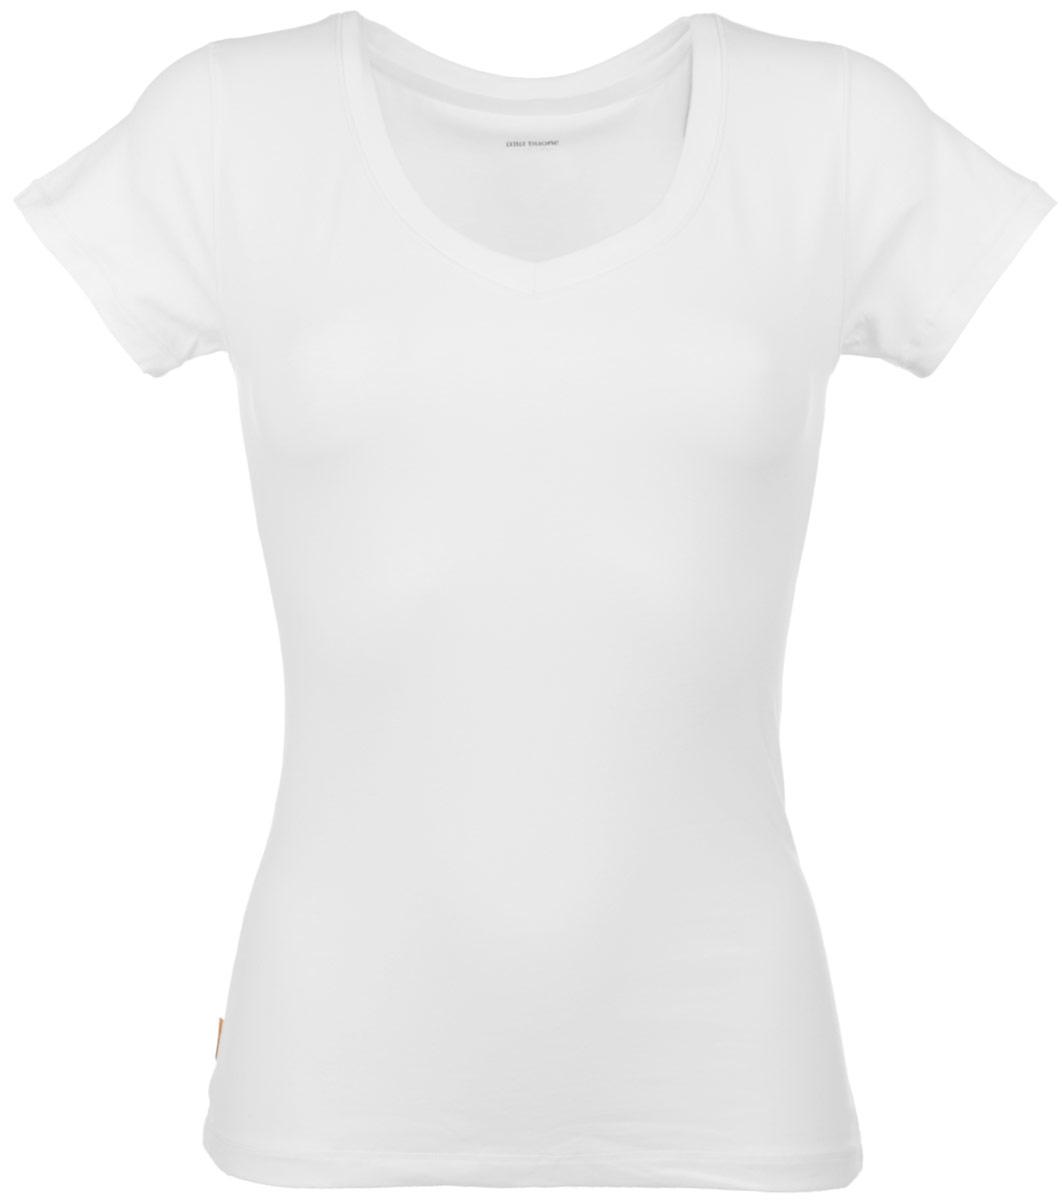 Футболка женская Alla Buone Liscio, цвет: белый. 7047. Размер L (46/48)7047Женская футболка Alla Buone Liscio, выполненная из эластичного хлопка, идеально подойдет для повседневной носки. Материал изделия мягкий, тактильно приятный, не сковывает движения и позволяет коже дышать.Футболка с V-образным вырезом горловины и короткими рукавами имеет слегка приталенный силуэт. Вырез горловины оформлен мягкой окантовочной лентой. Изделие дополнено фирменным логотипом, вшитым в боковой шов.Такая модель будет дарить вам комфорт в течение всего дня и станет отличным дополнением к вашему гардеробу.